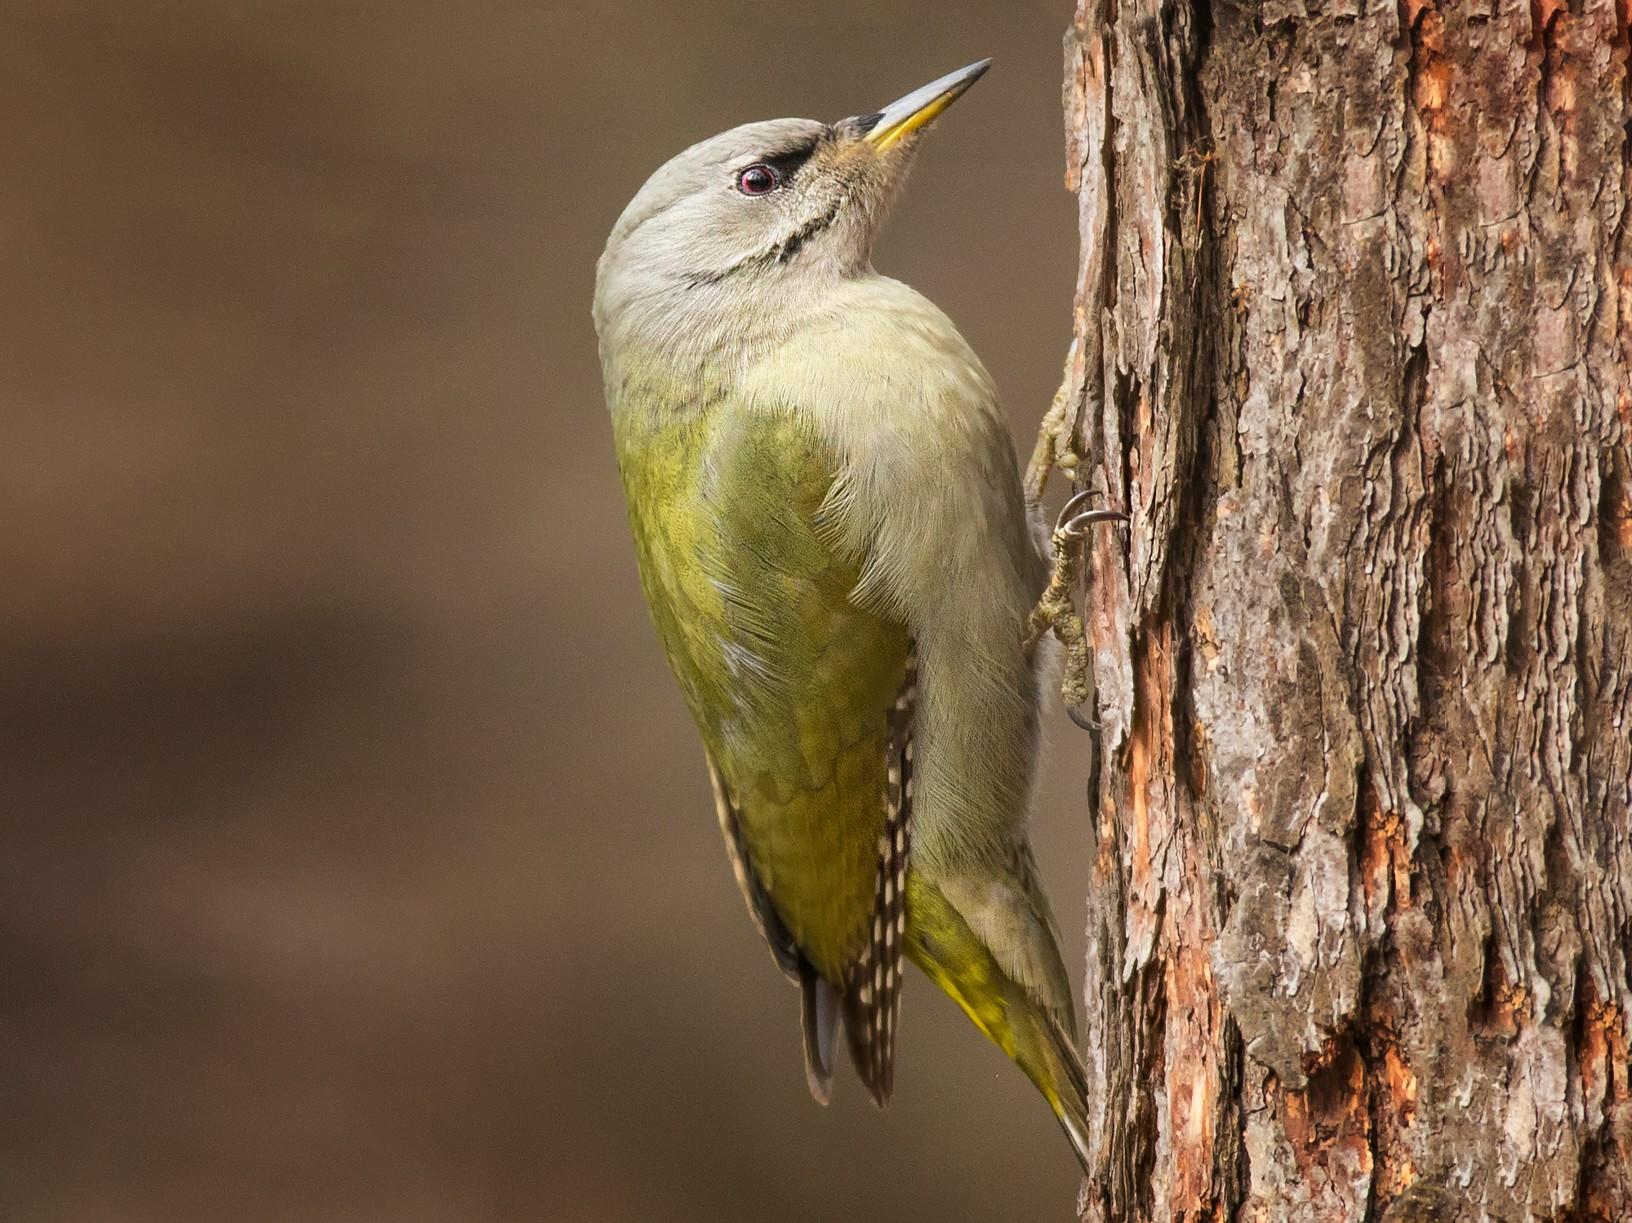 Gray-headed Woodpecker - Egor Vlasov